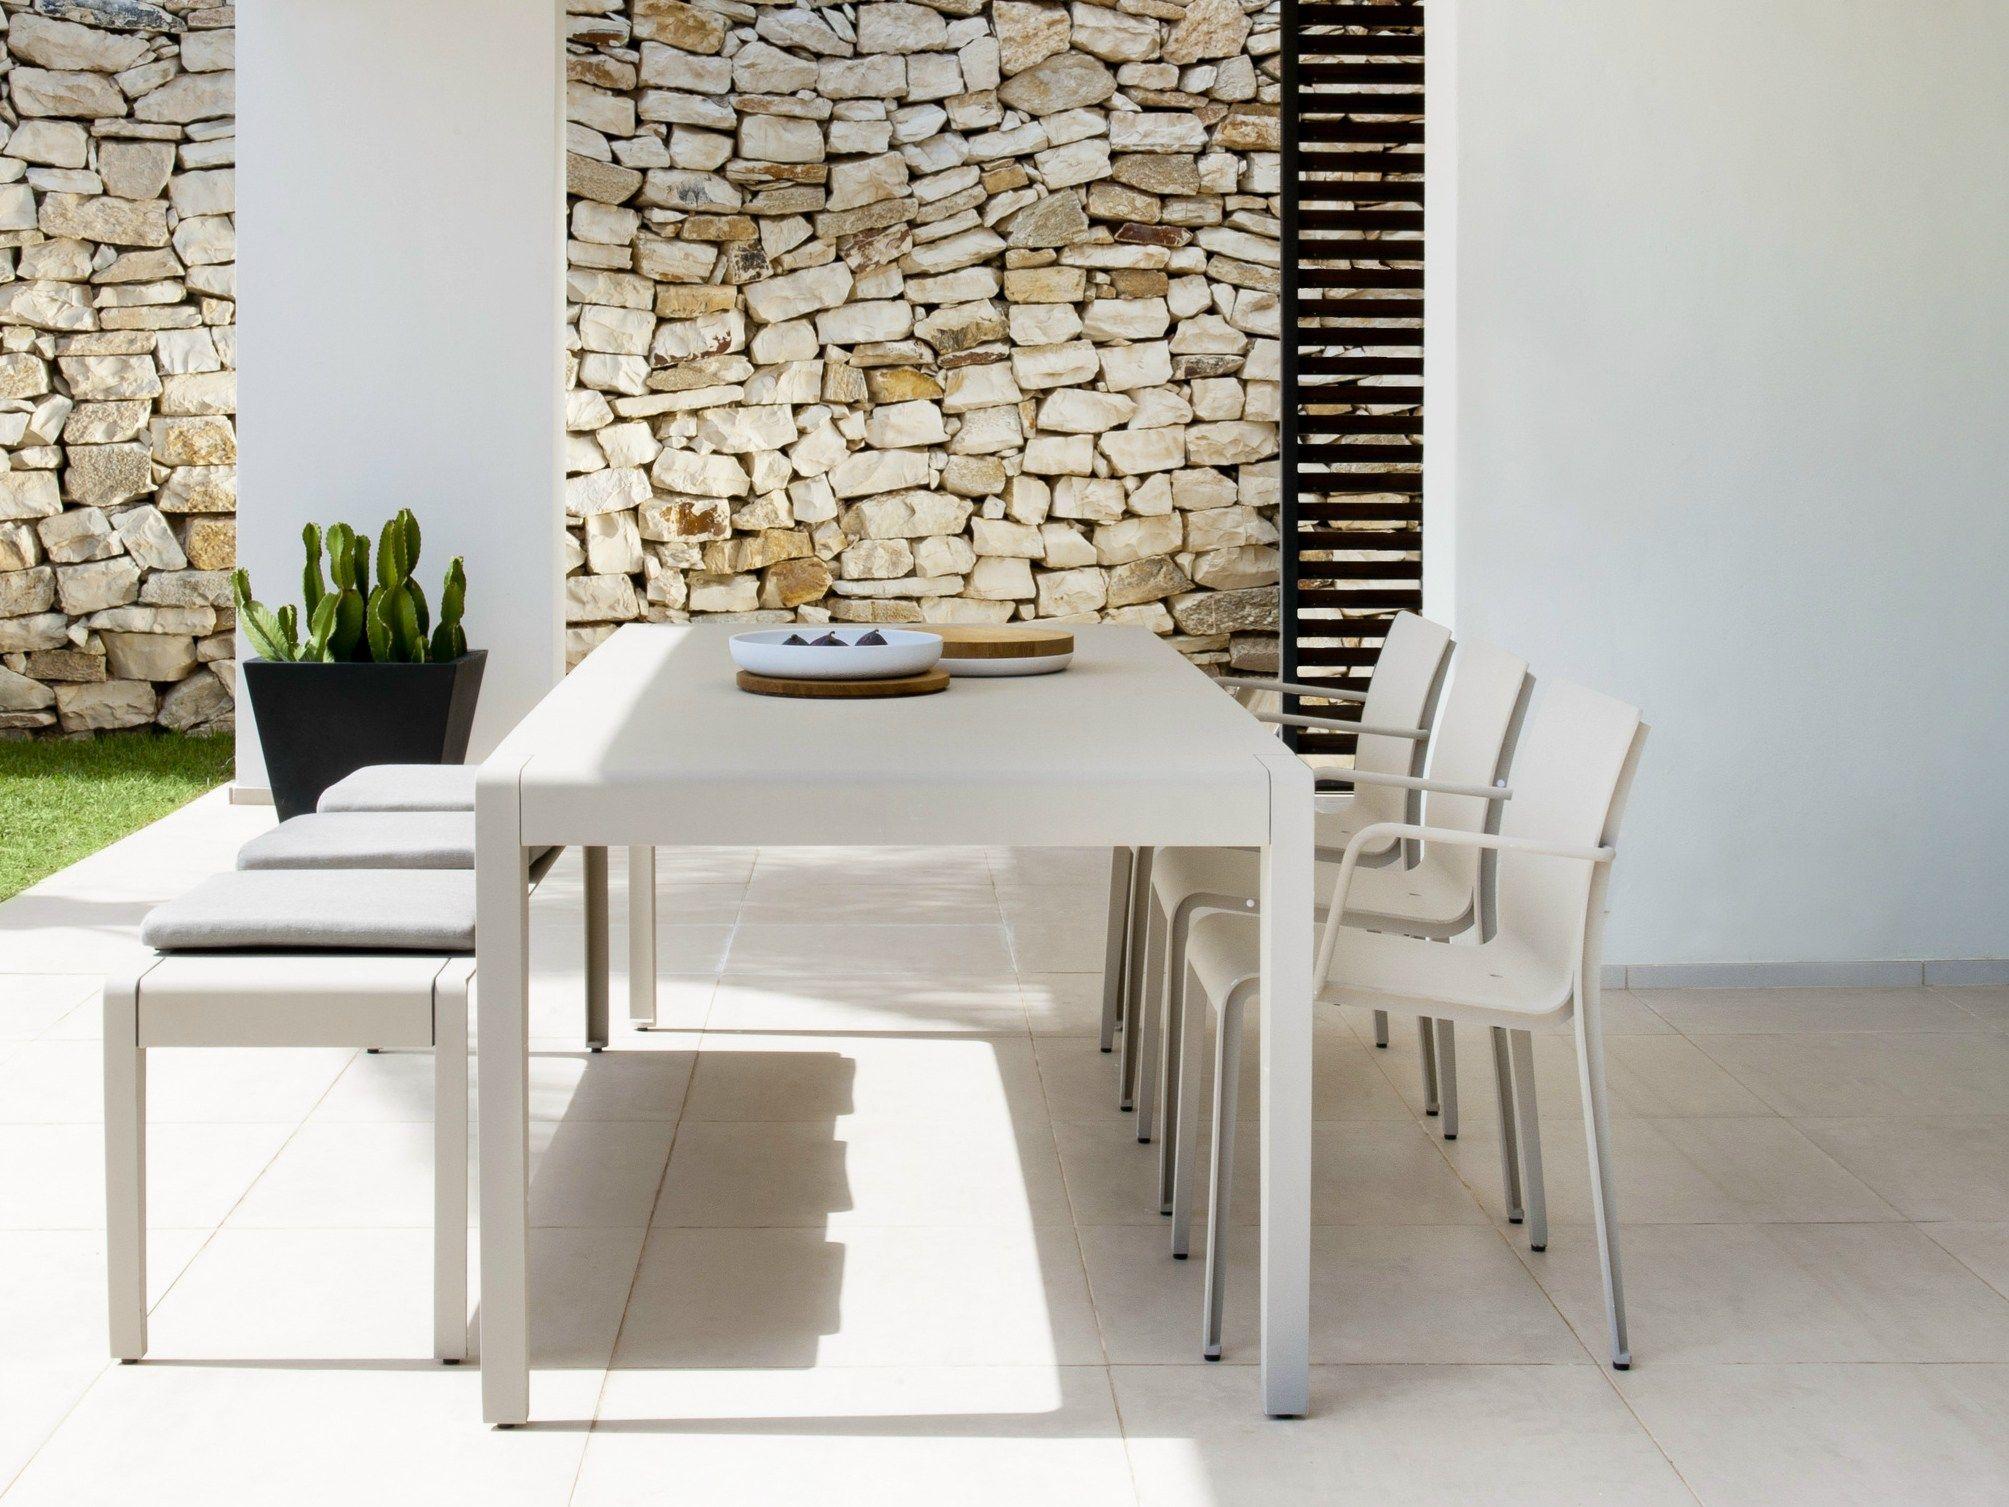 Gartentisch Design Affordable Outliv Stavanger Gartentisch Xcm